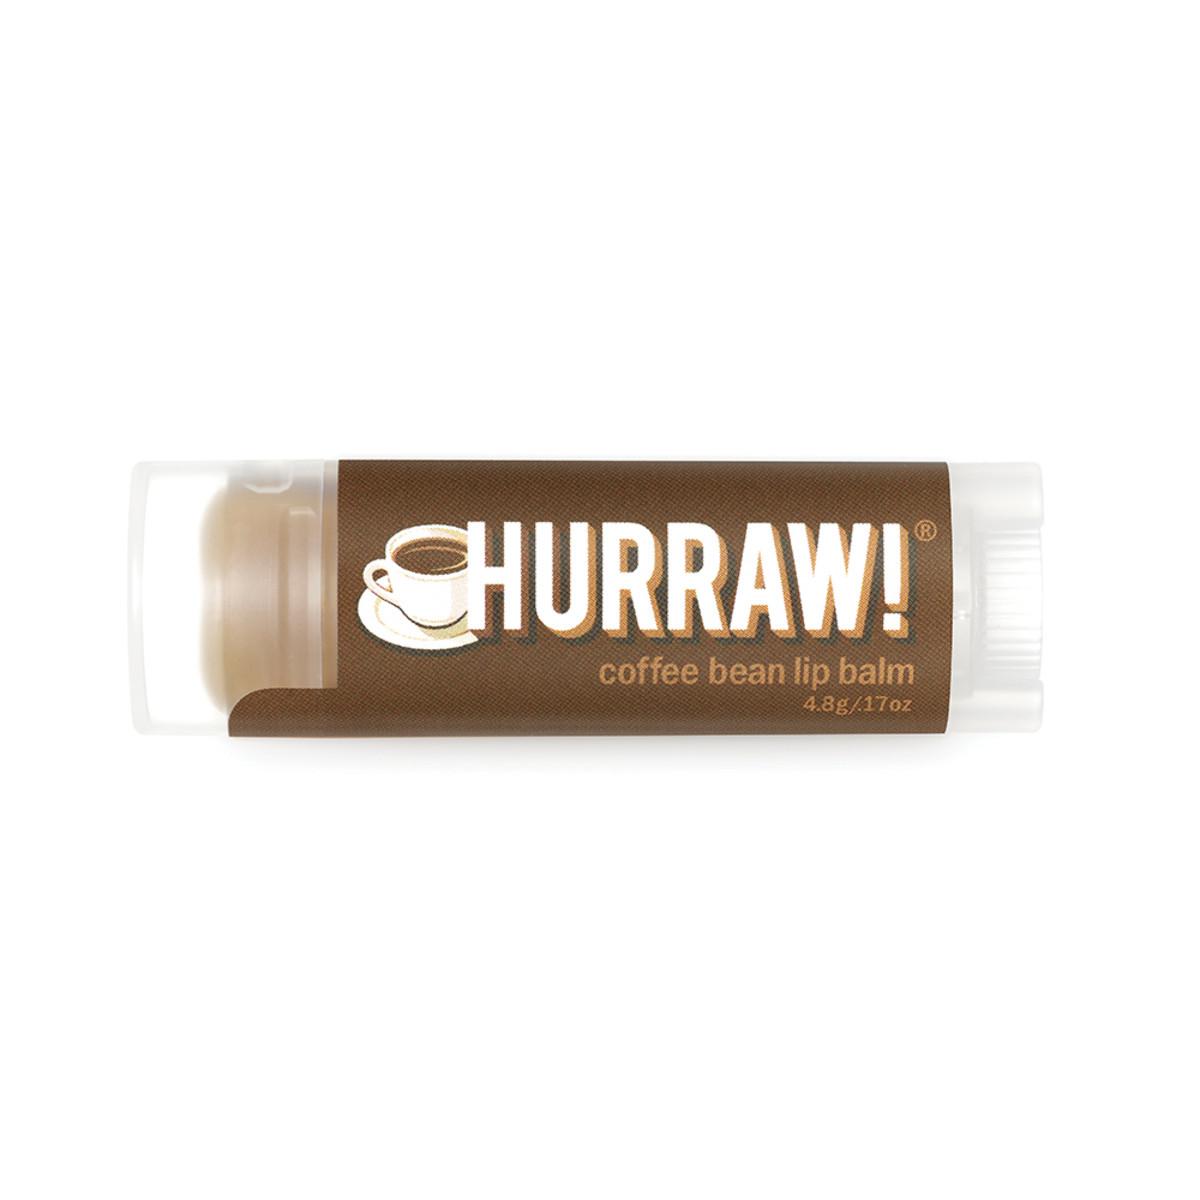 HURRAW! COFFEE BEAN 4.3G